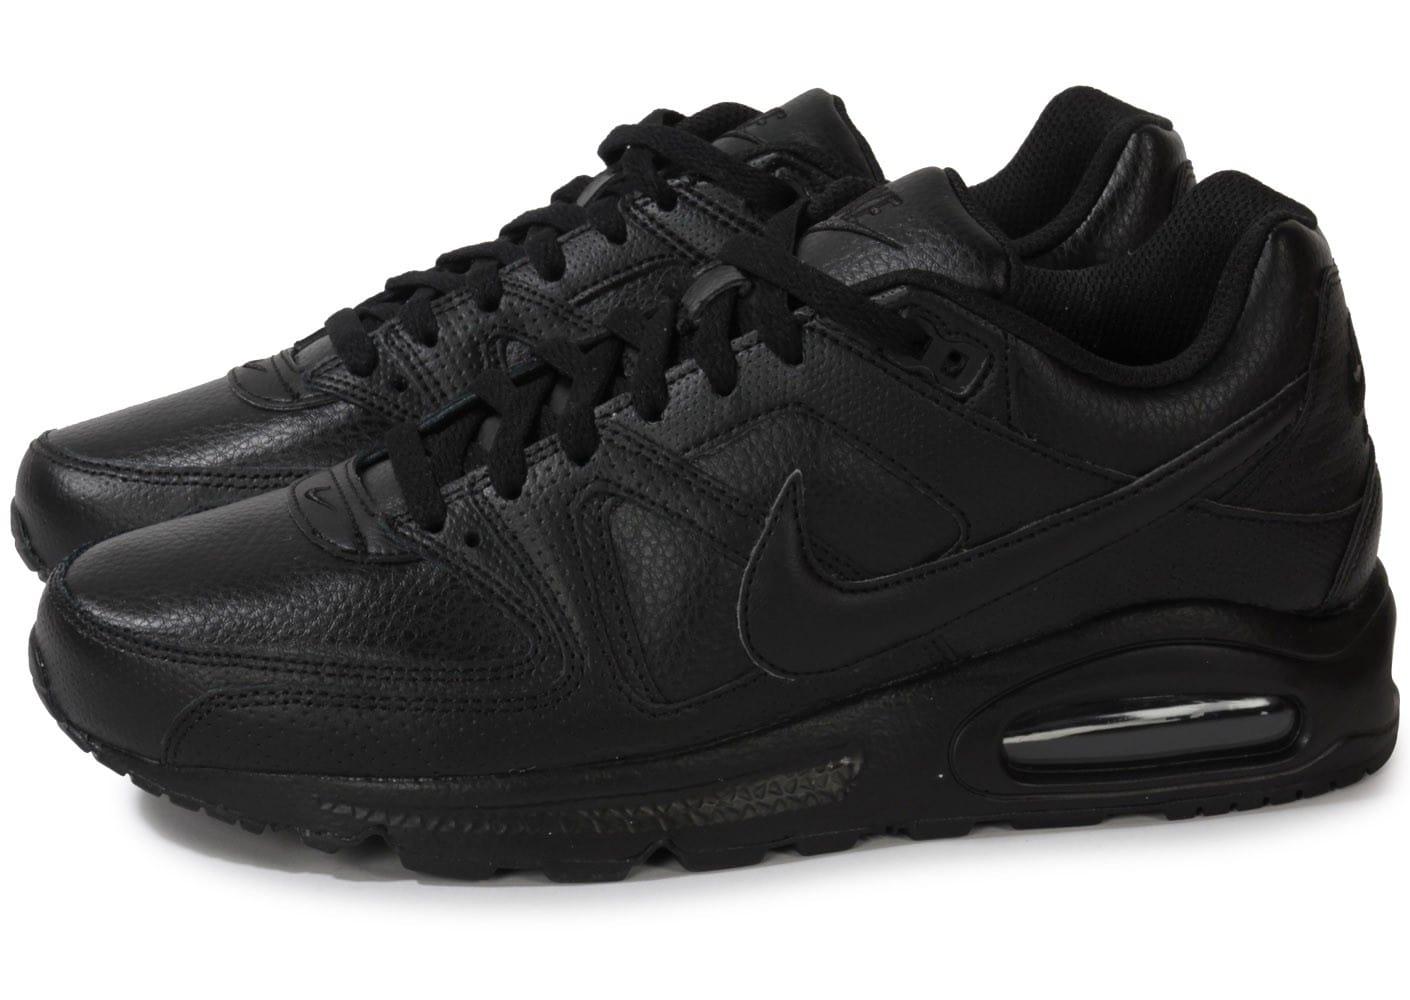 the best attitude 32e70 520d0 Grands baskets discount Nike en ligne à vendre. L authentique vente de air  max command leather noir et rouge froid France sera aimée par votre coeur.